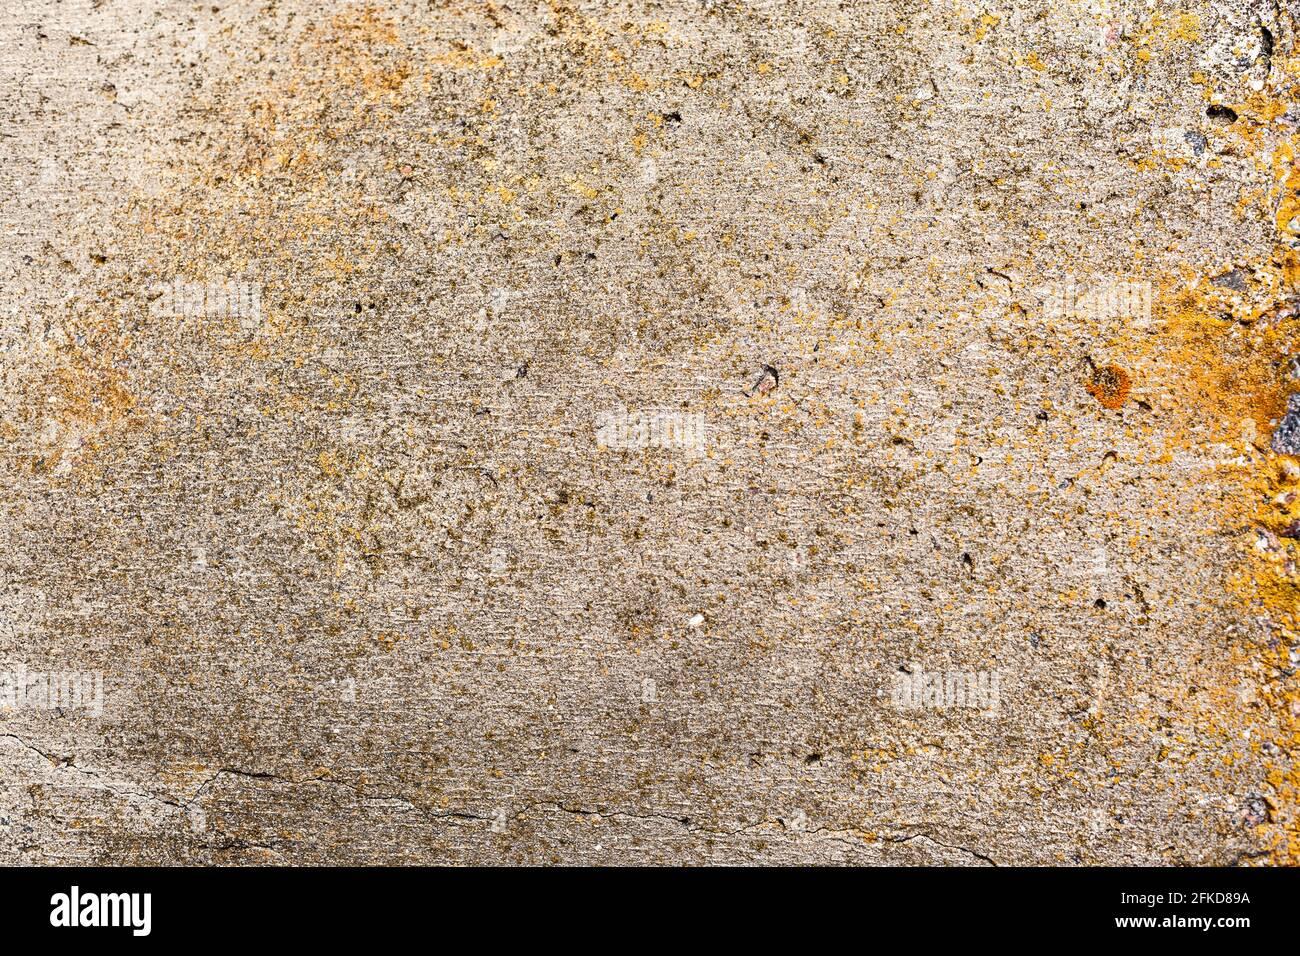 Alte Beton-Nahaufnahme, Vintage Betonwand als Hintergrund oder Textur zu verwenden Stockfoto